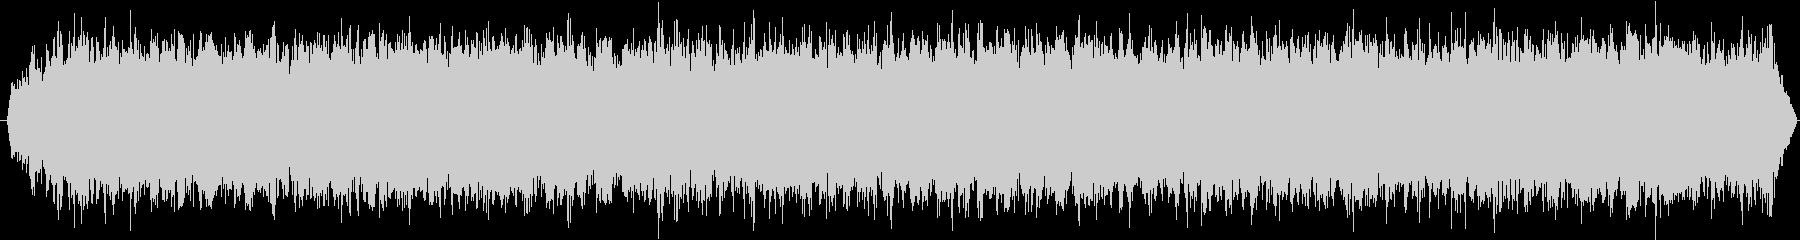 PADS 合唱団ハム03の未再生の波形